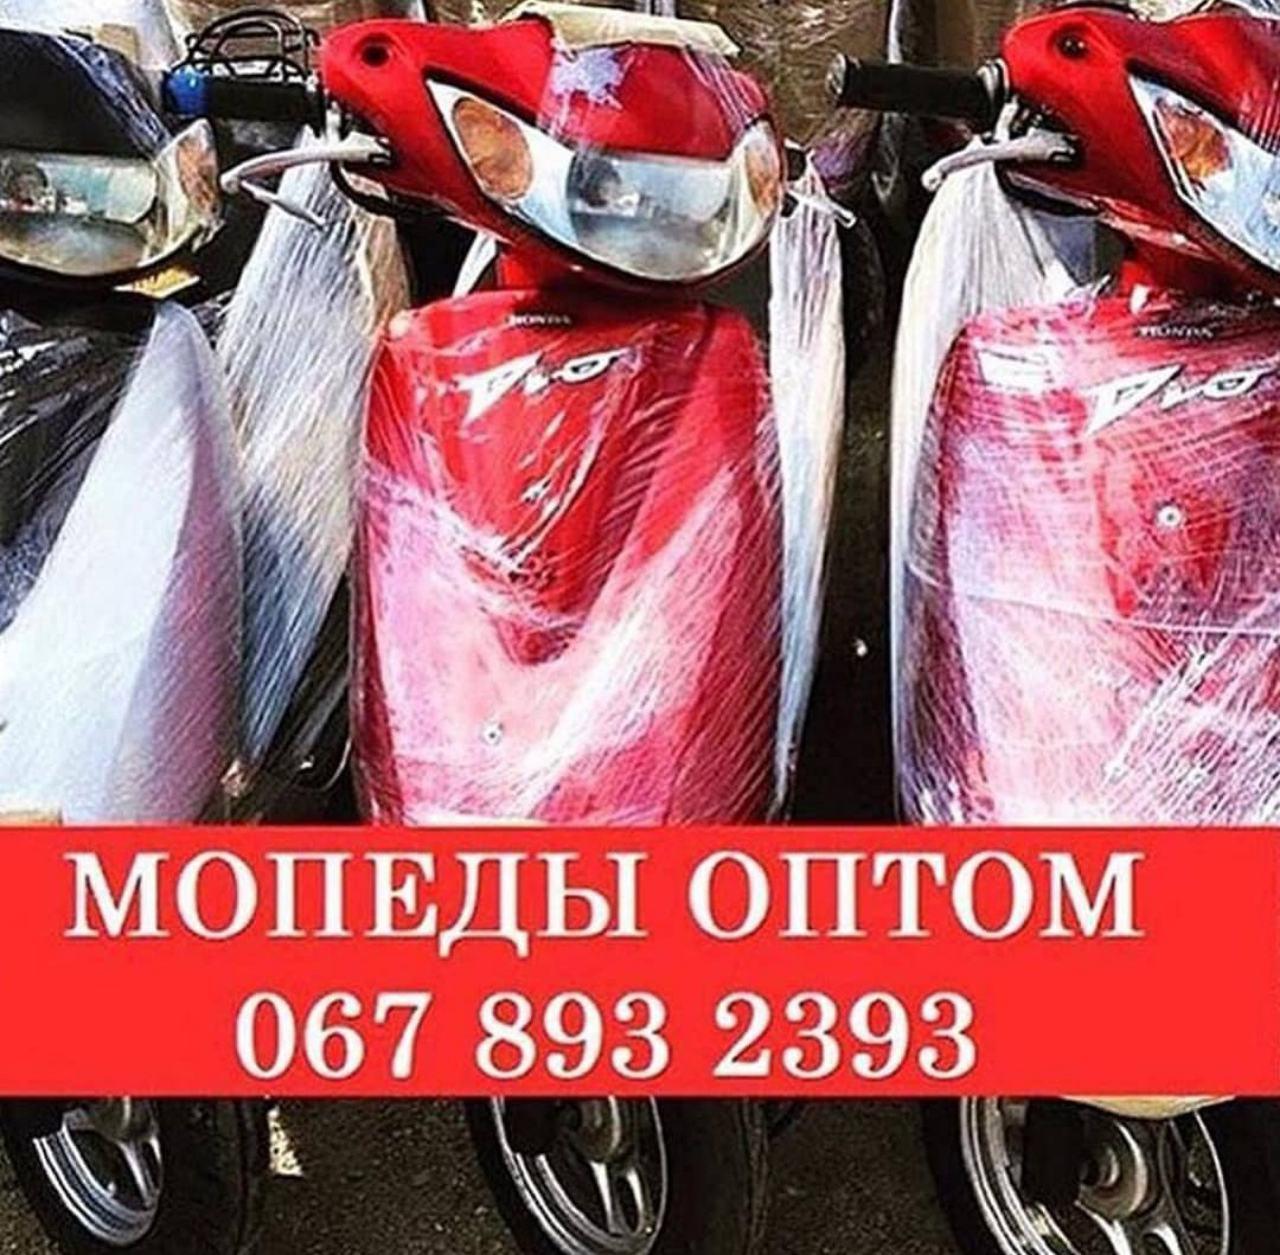 Мопеды оптом японские скутеры 100% оригинал из Японии со склада Honda Yamaha Suzuki и другие